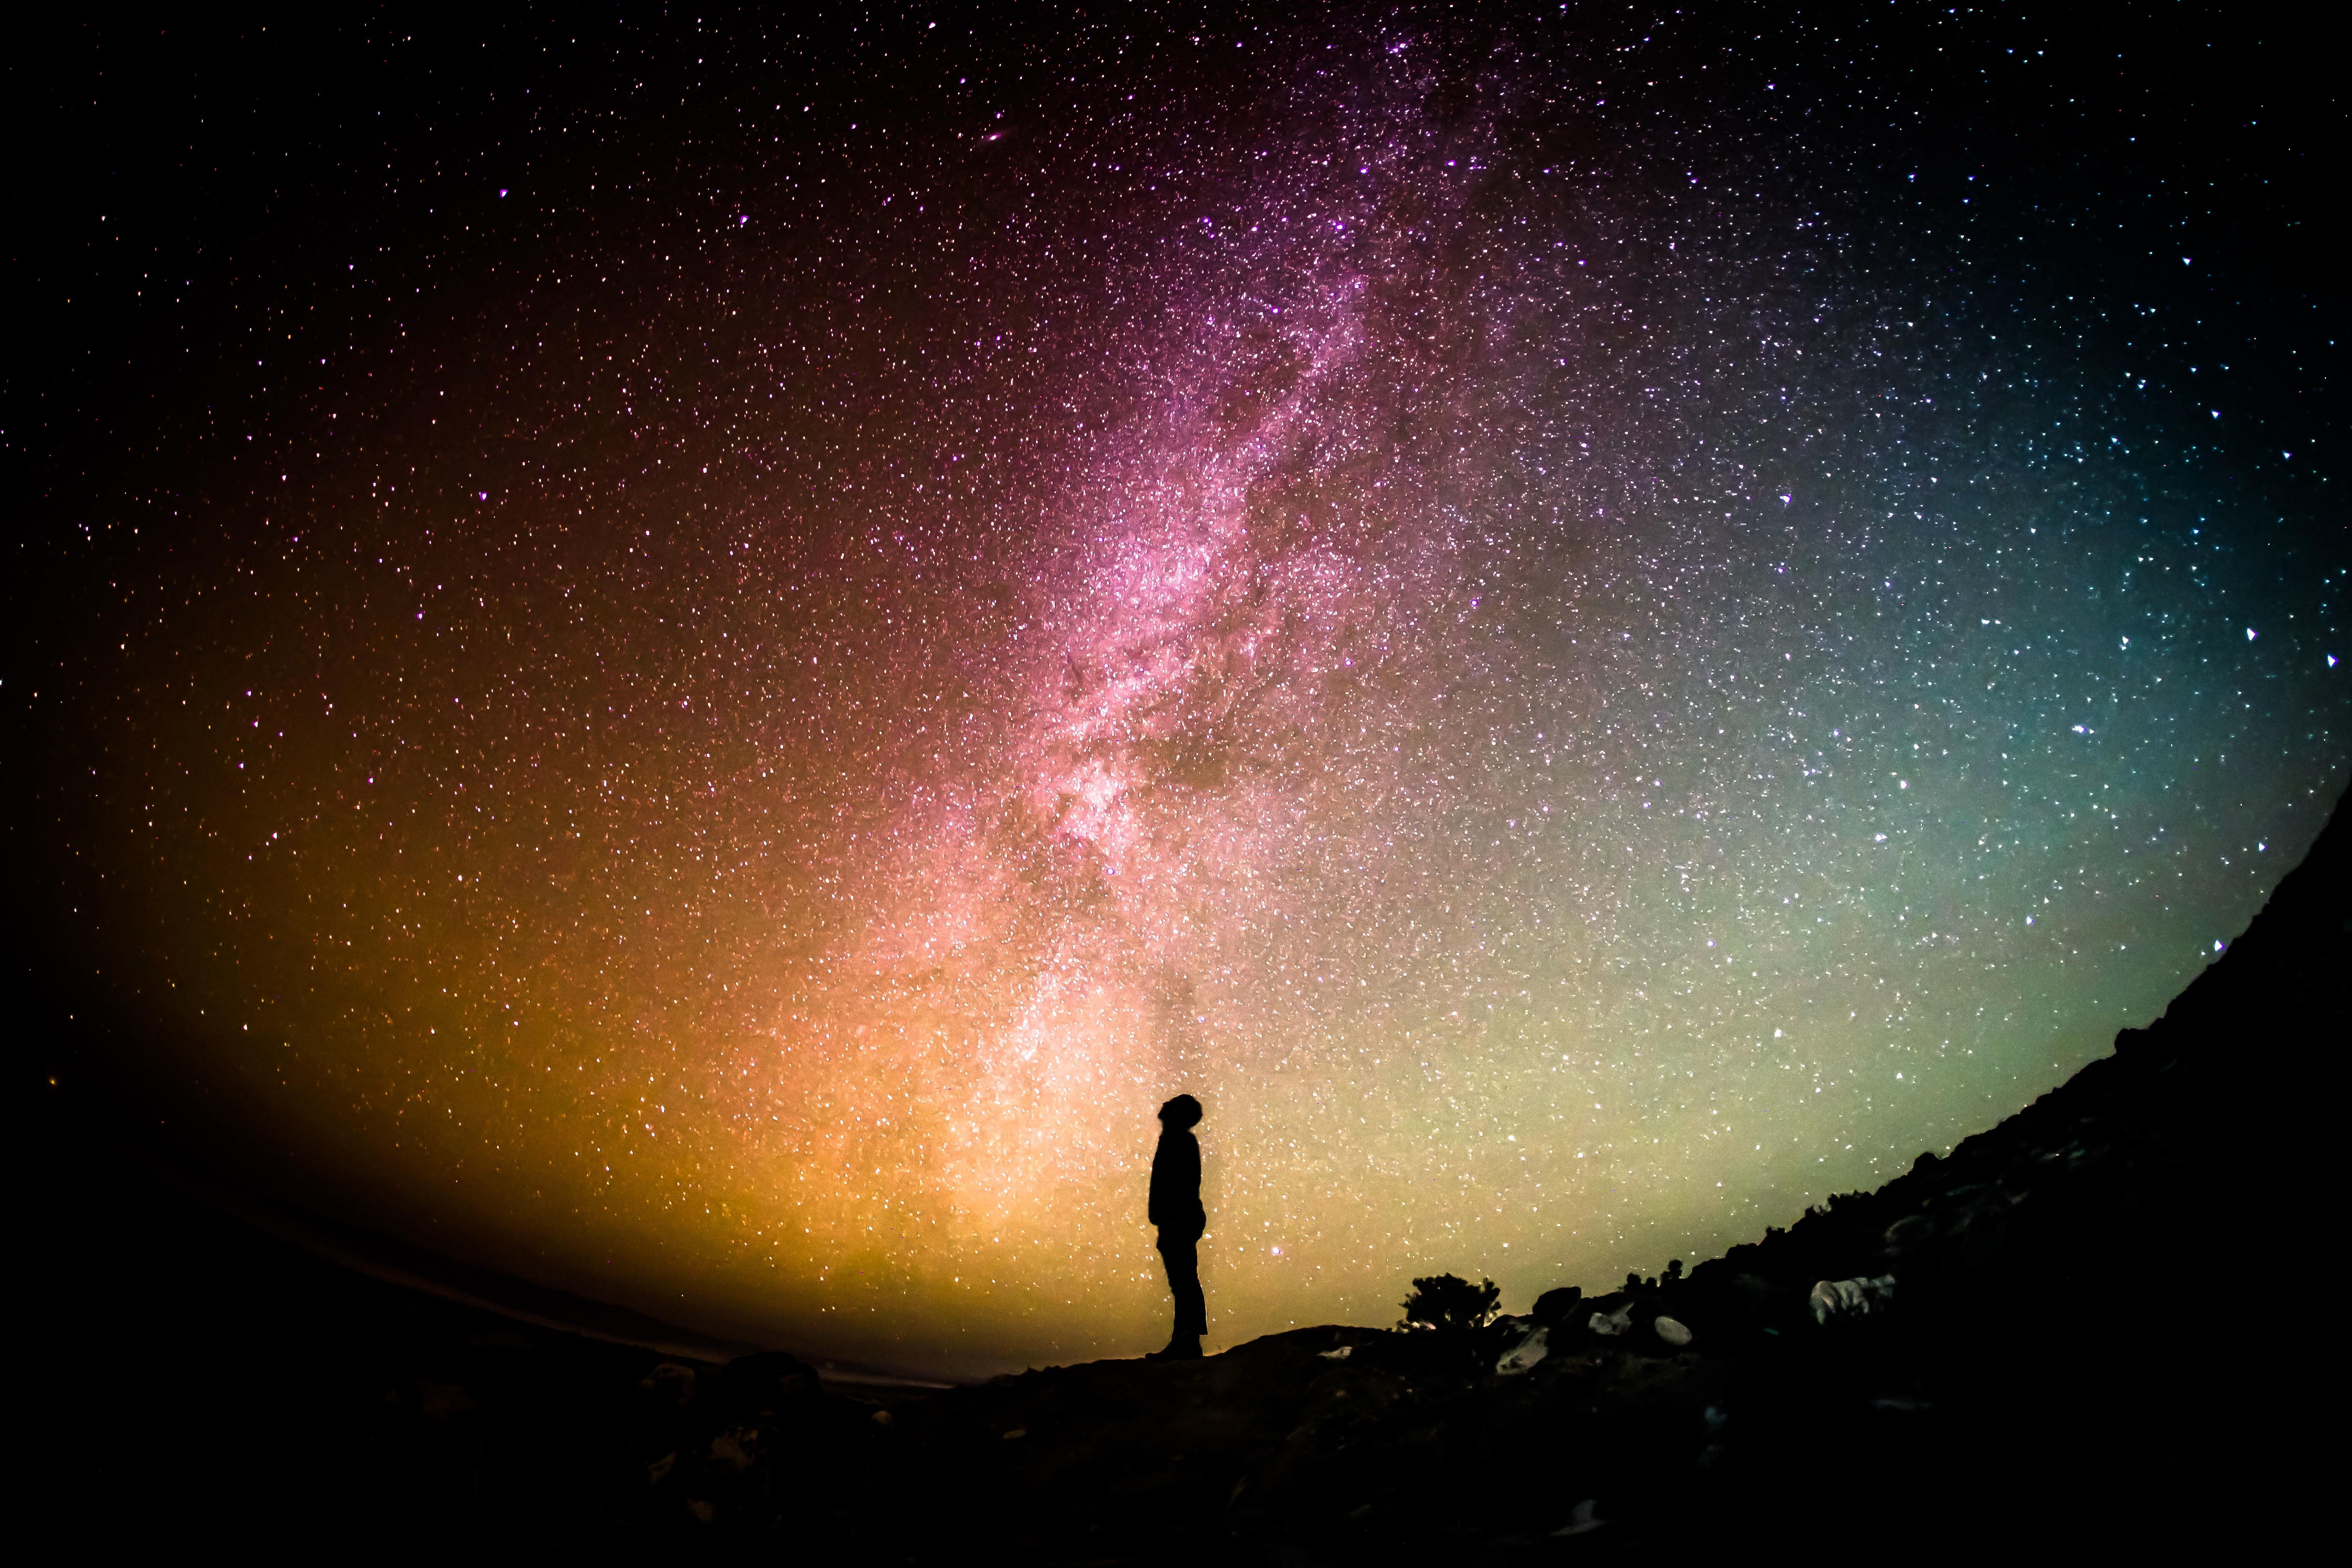 Mensch unterm Sternenhimmel